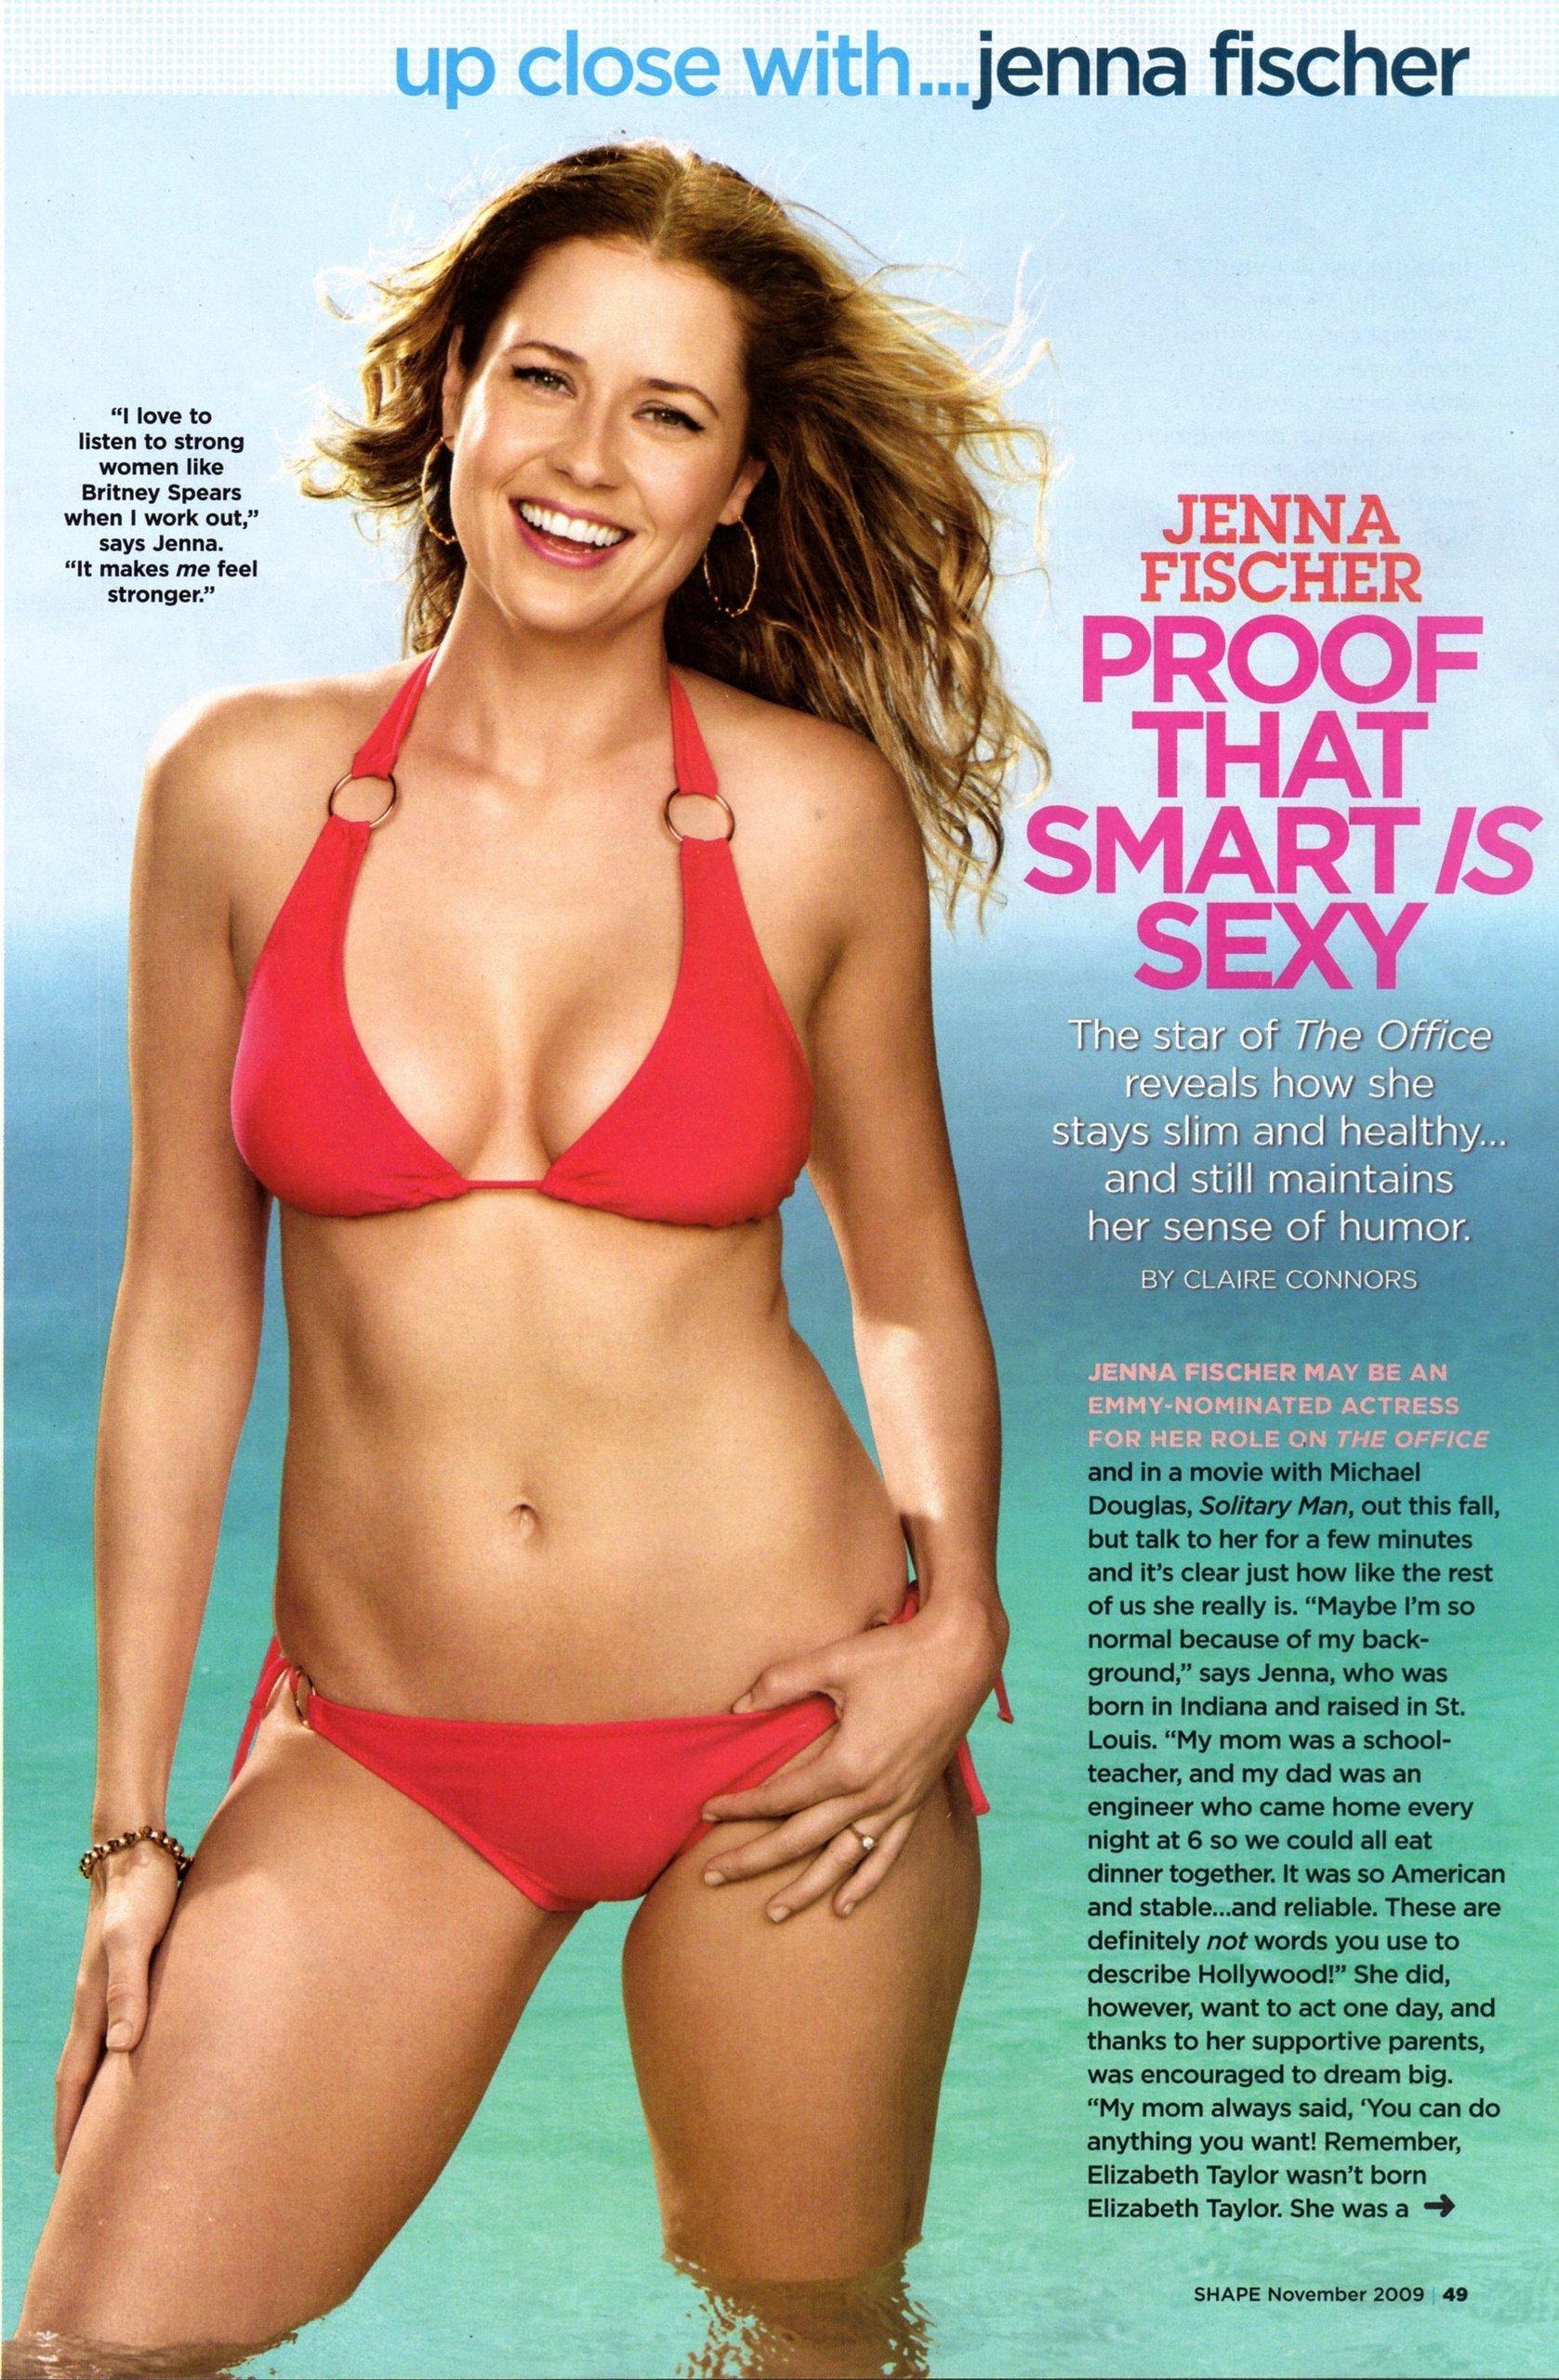 Shape Magazine - Jenna Fischer